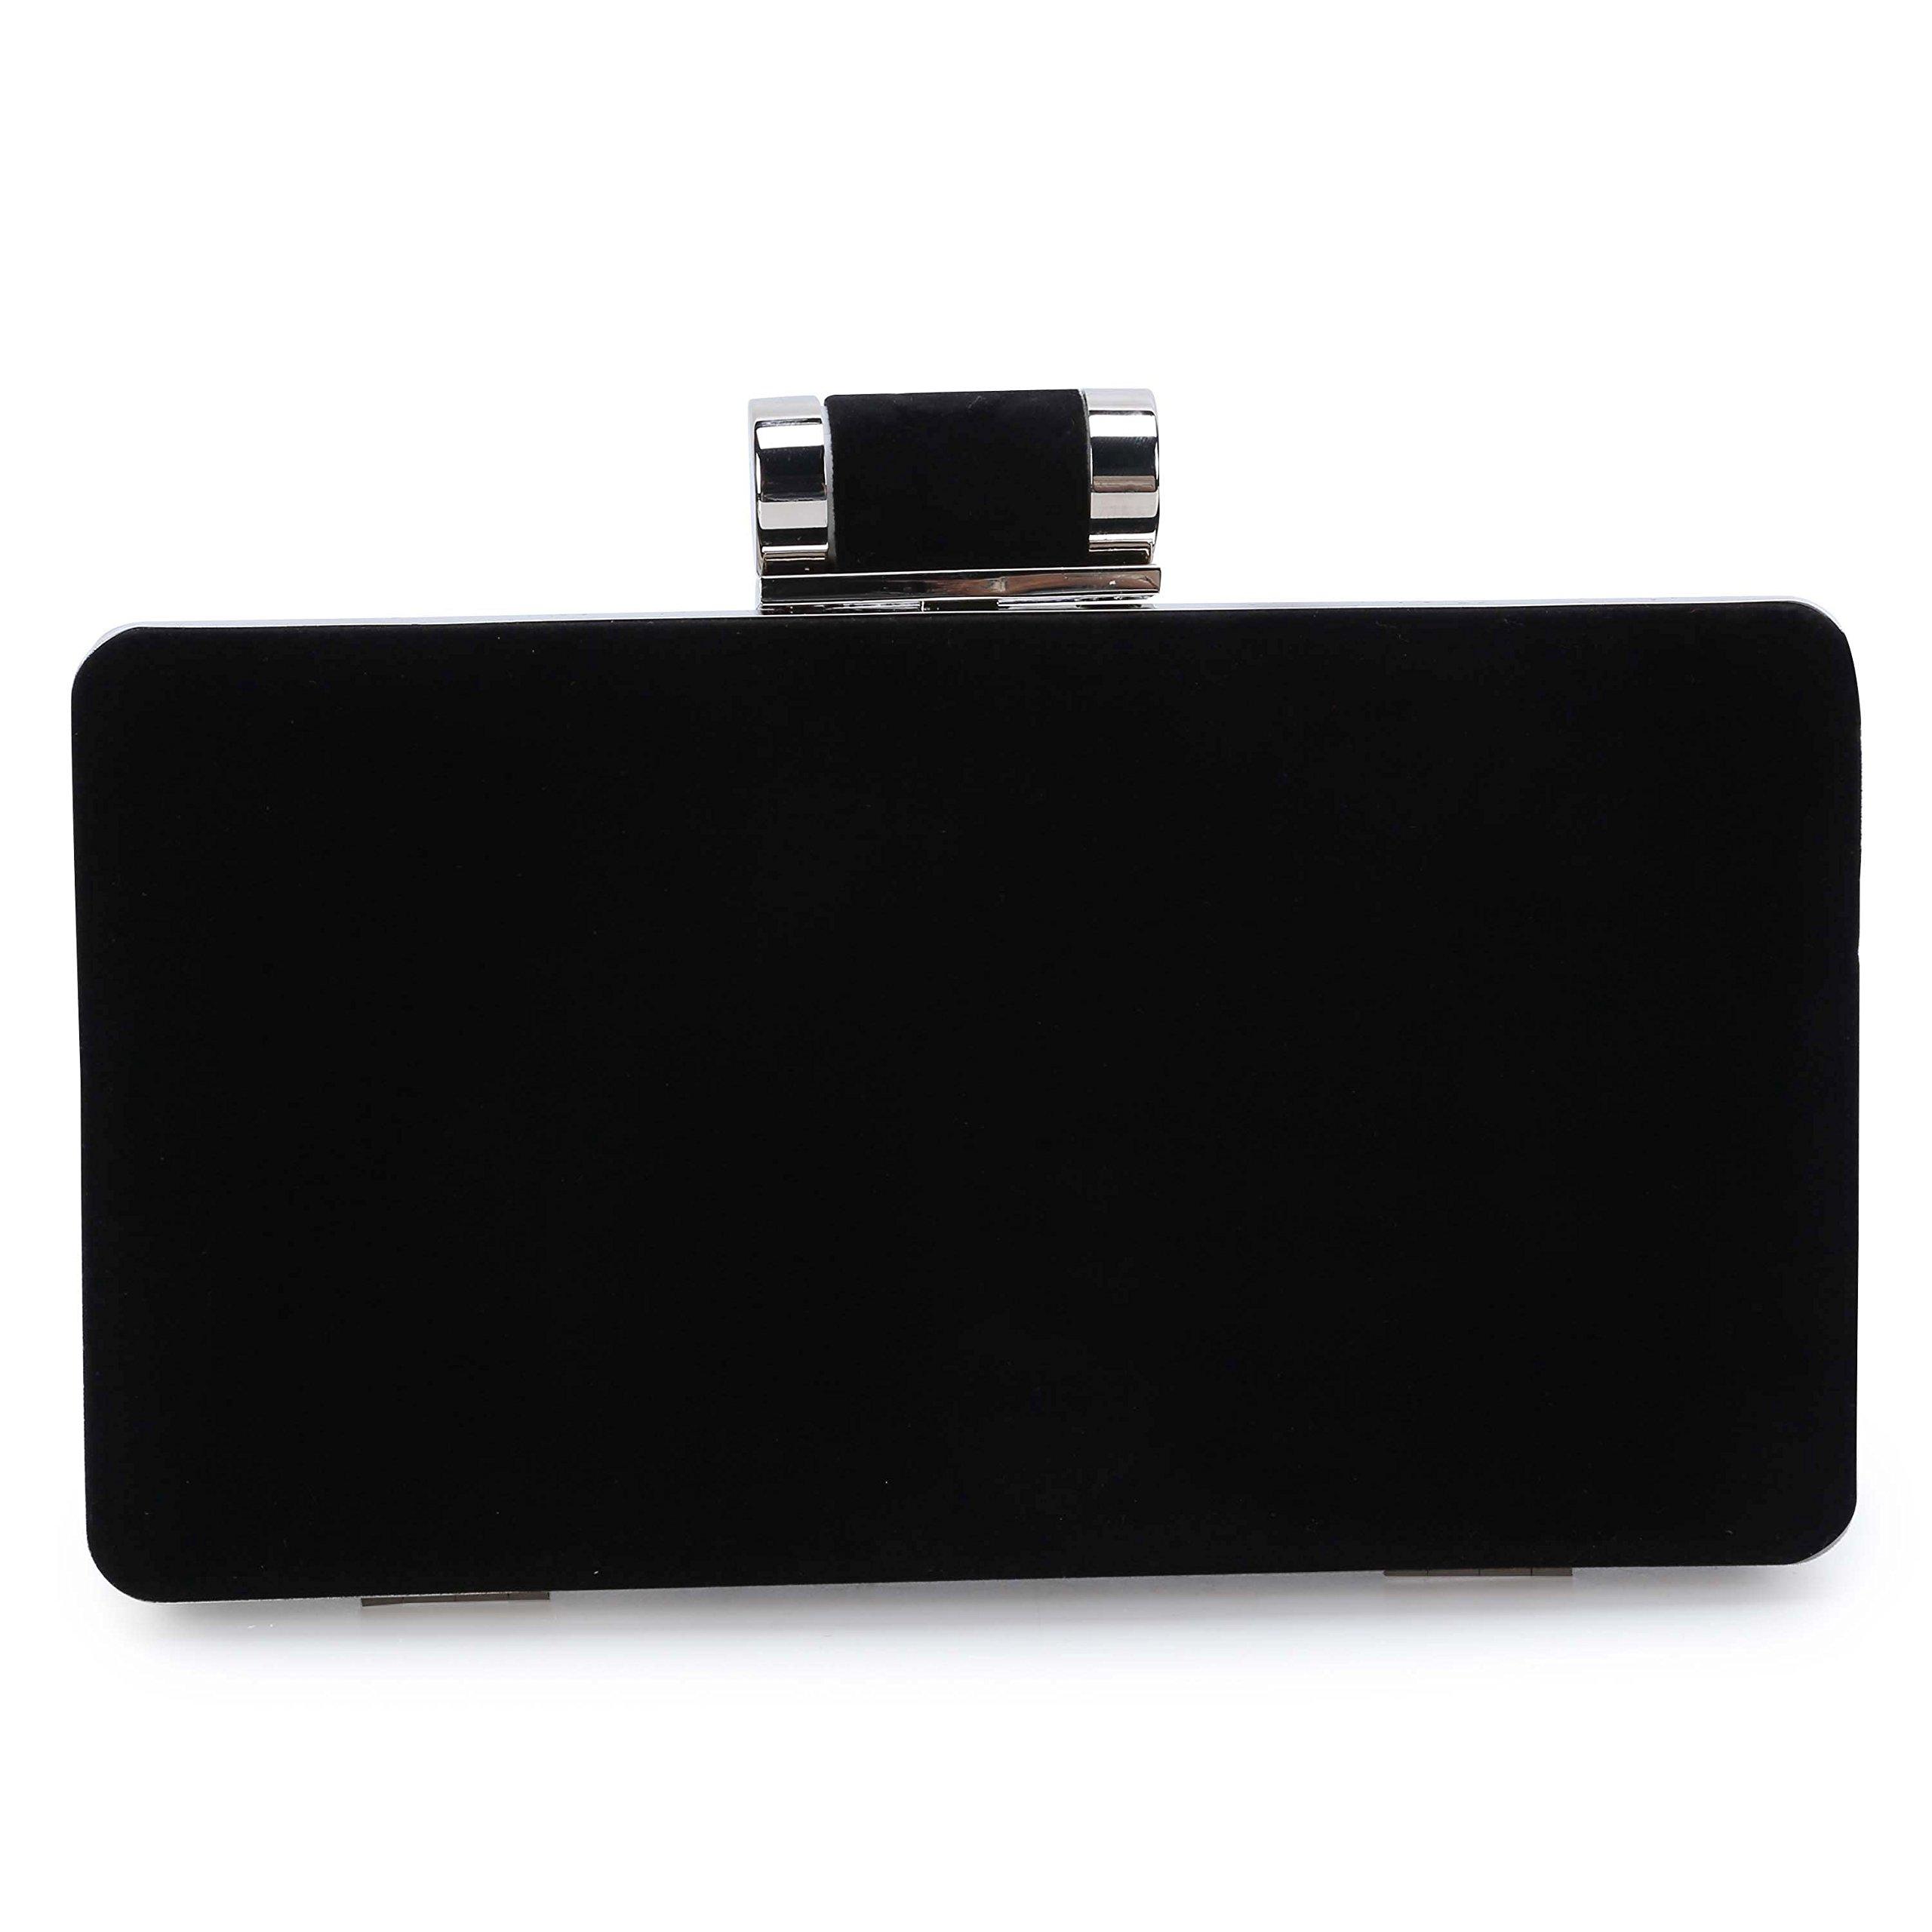 Bolsa de Fiesta BAIGIO Clutch Fiesta Cartera Billetera de Mano Elegante para Mujer Diseño Sobre de Terciopelo,Negro